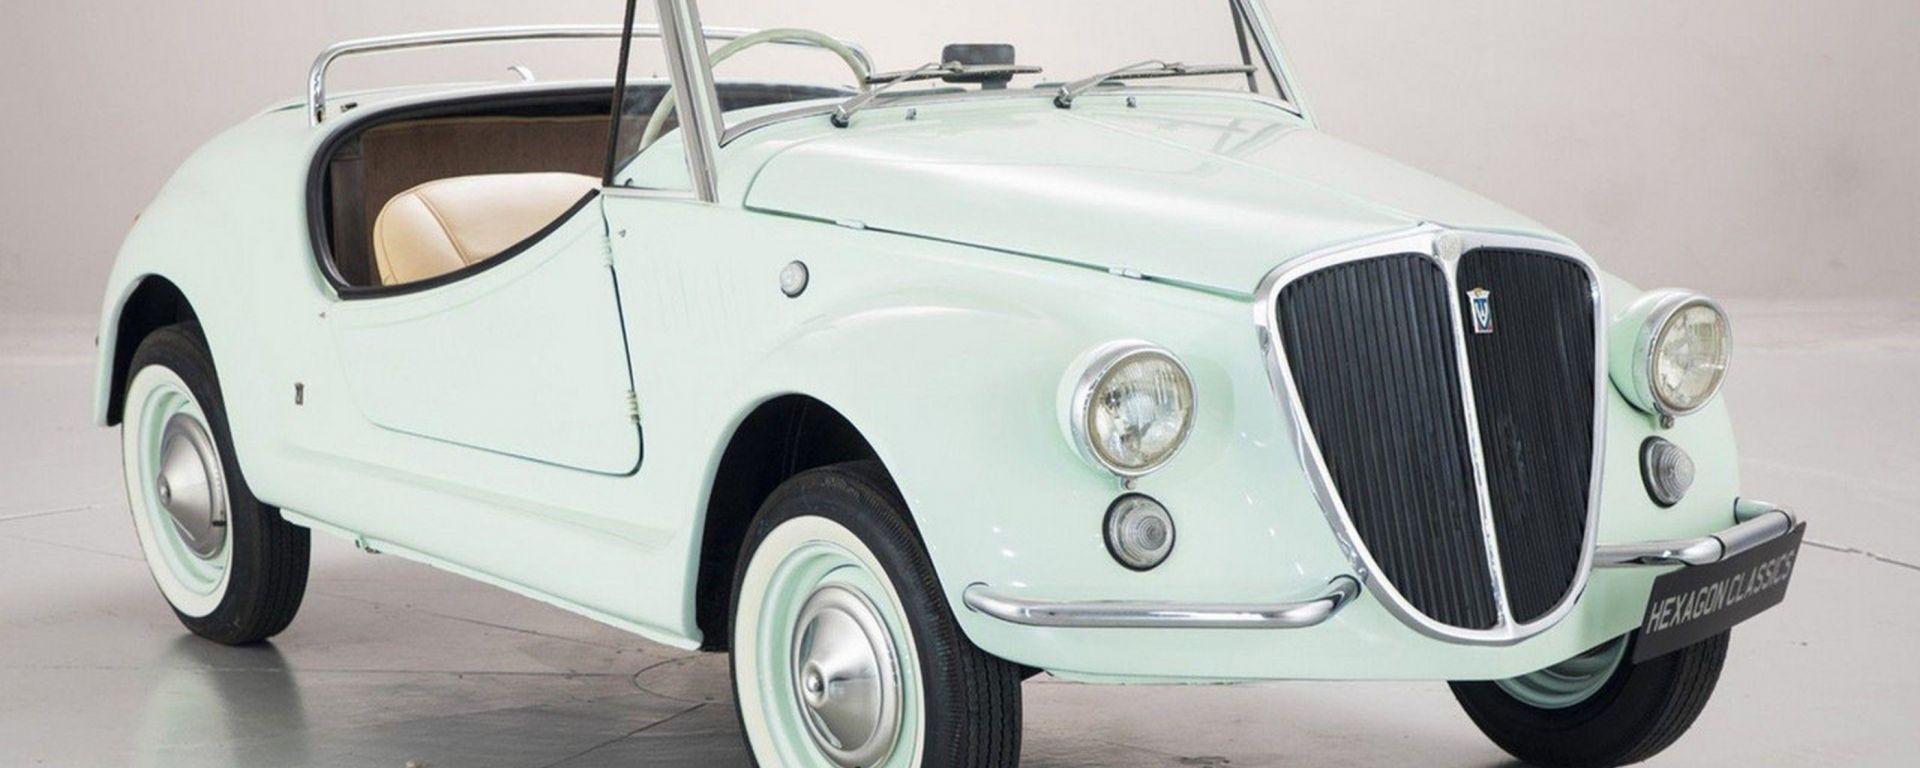 Fiat 500 Gamine by Vignale: eleganza senza tempo